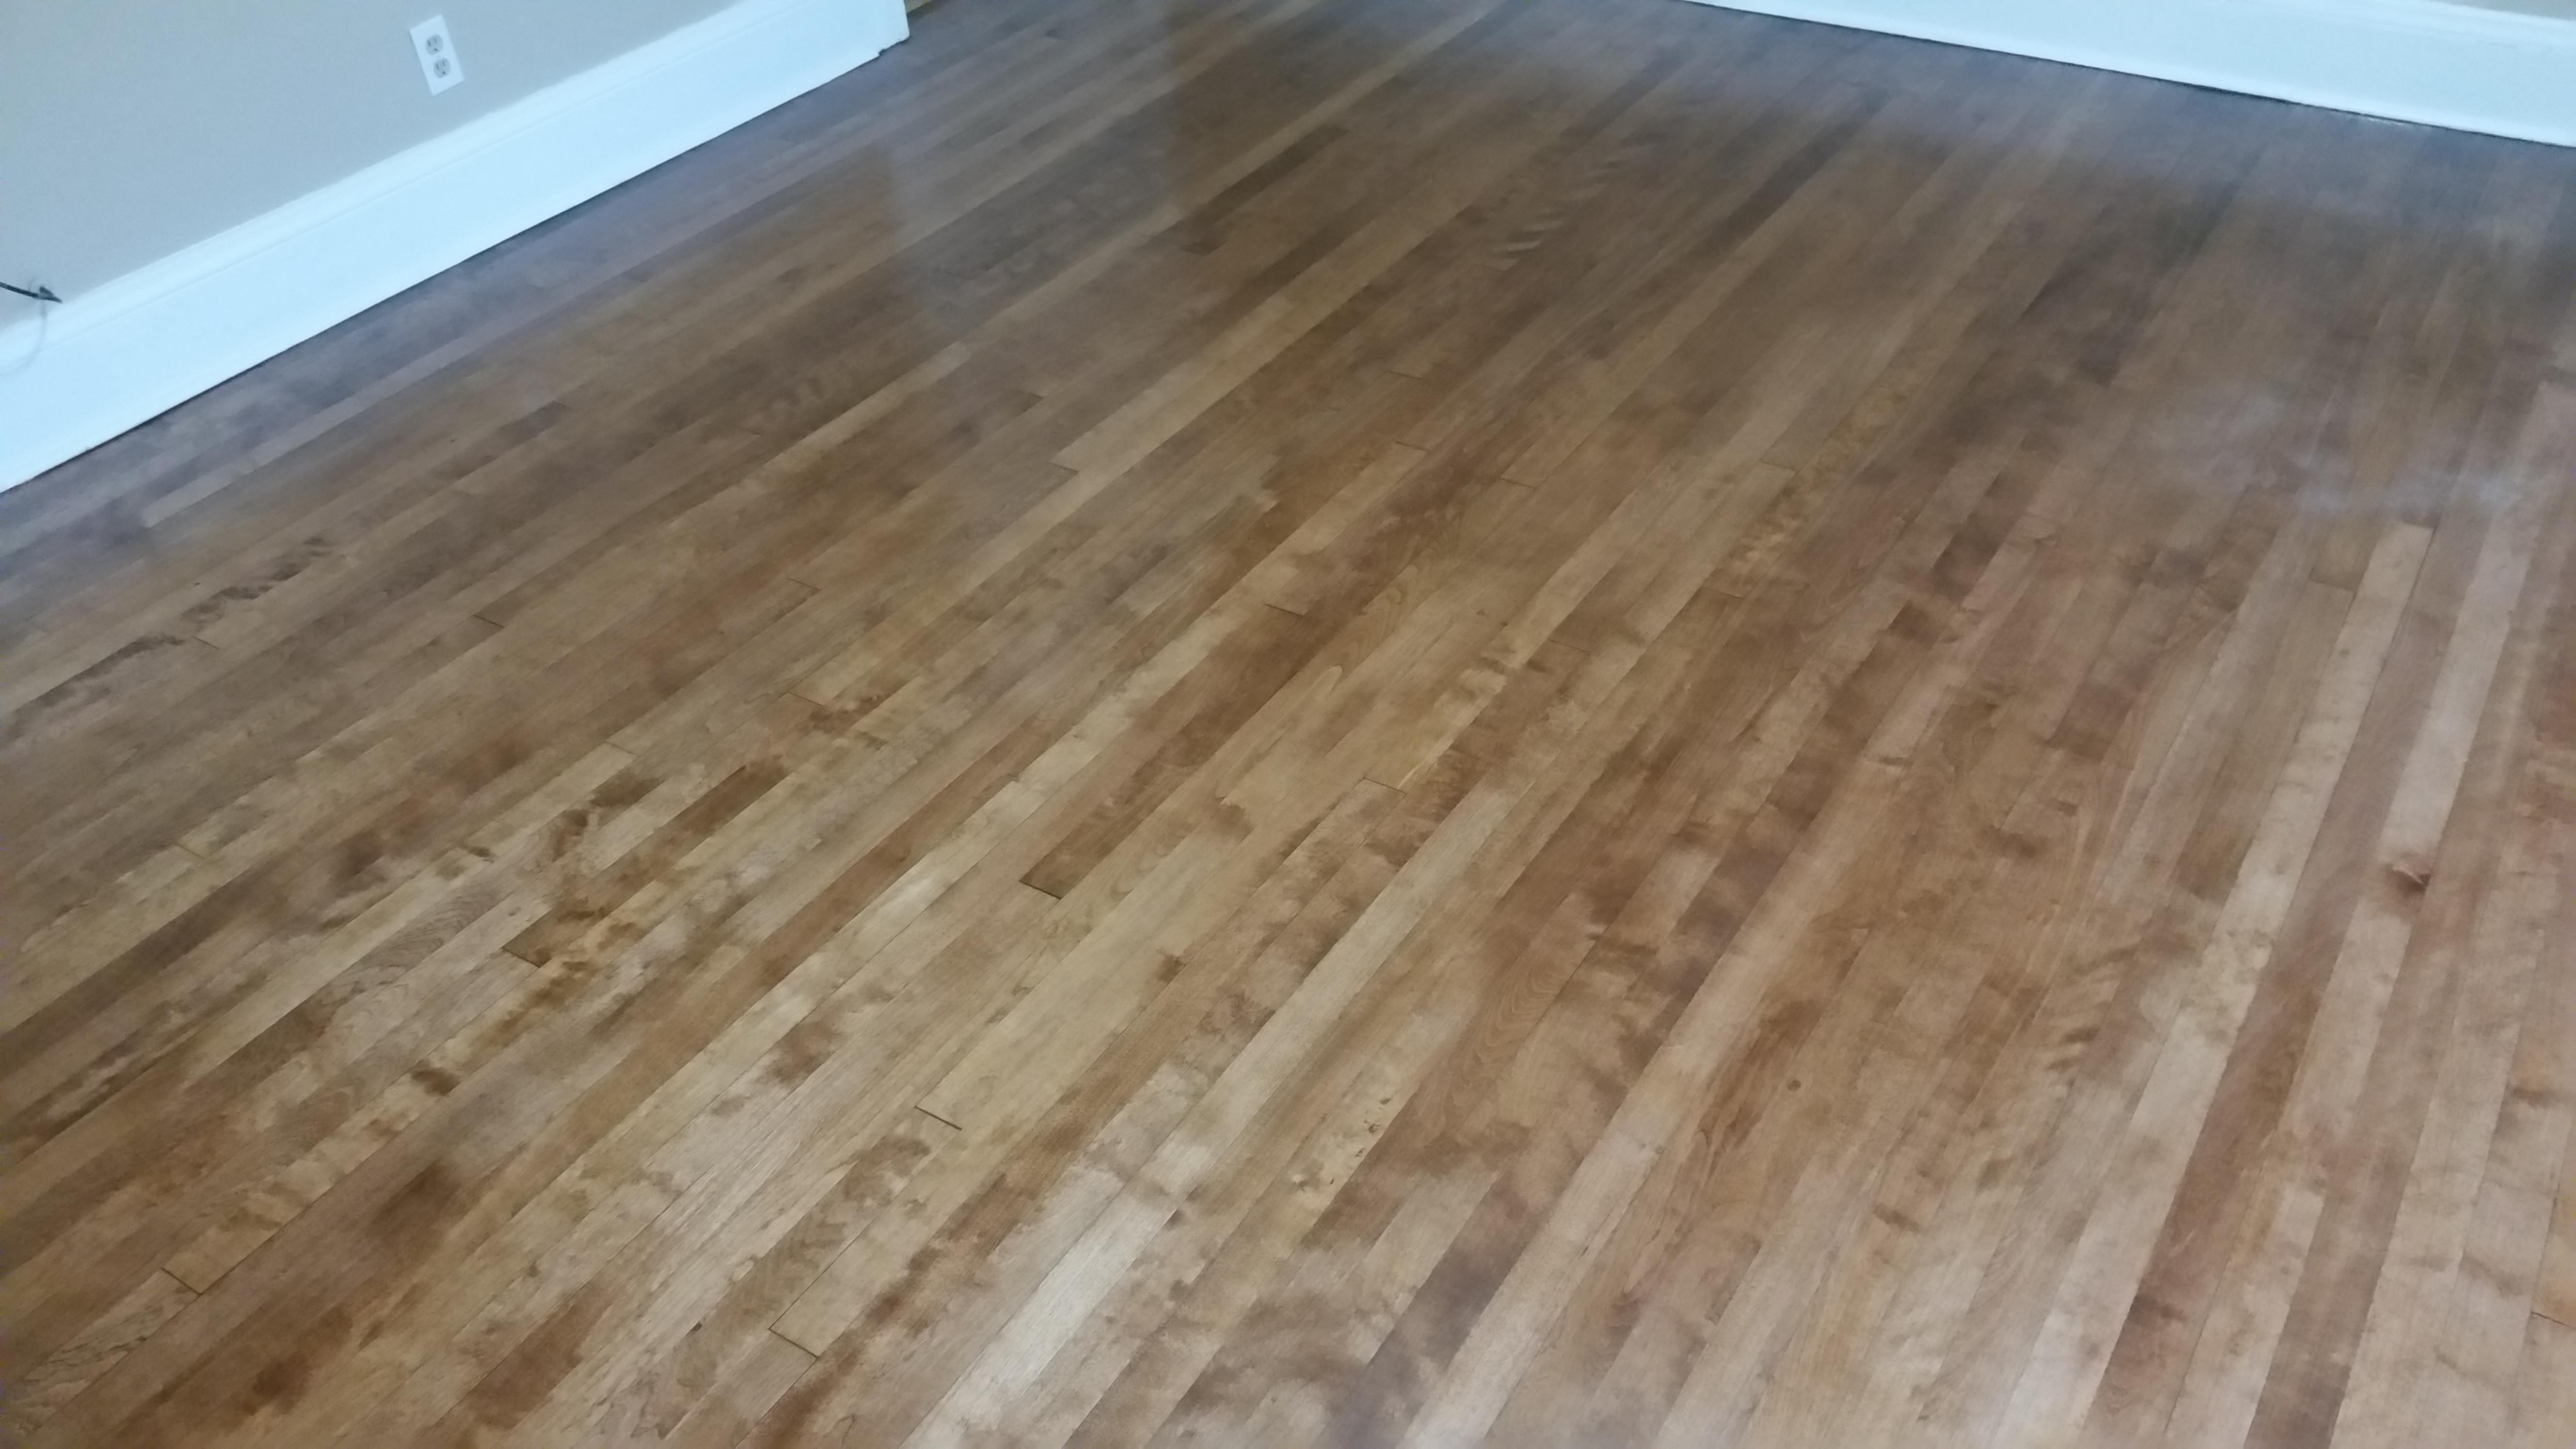 types of hardwood flooring reviews of rochester hardwood floors of utica home inside 20151028 104648 20160520 161308resize